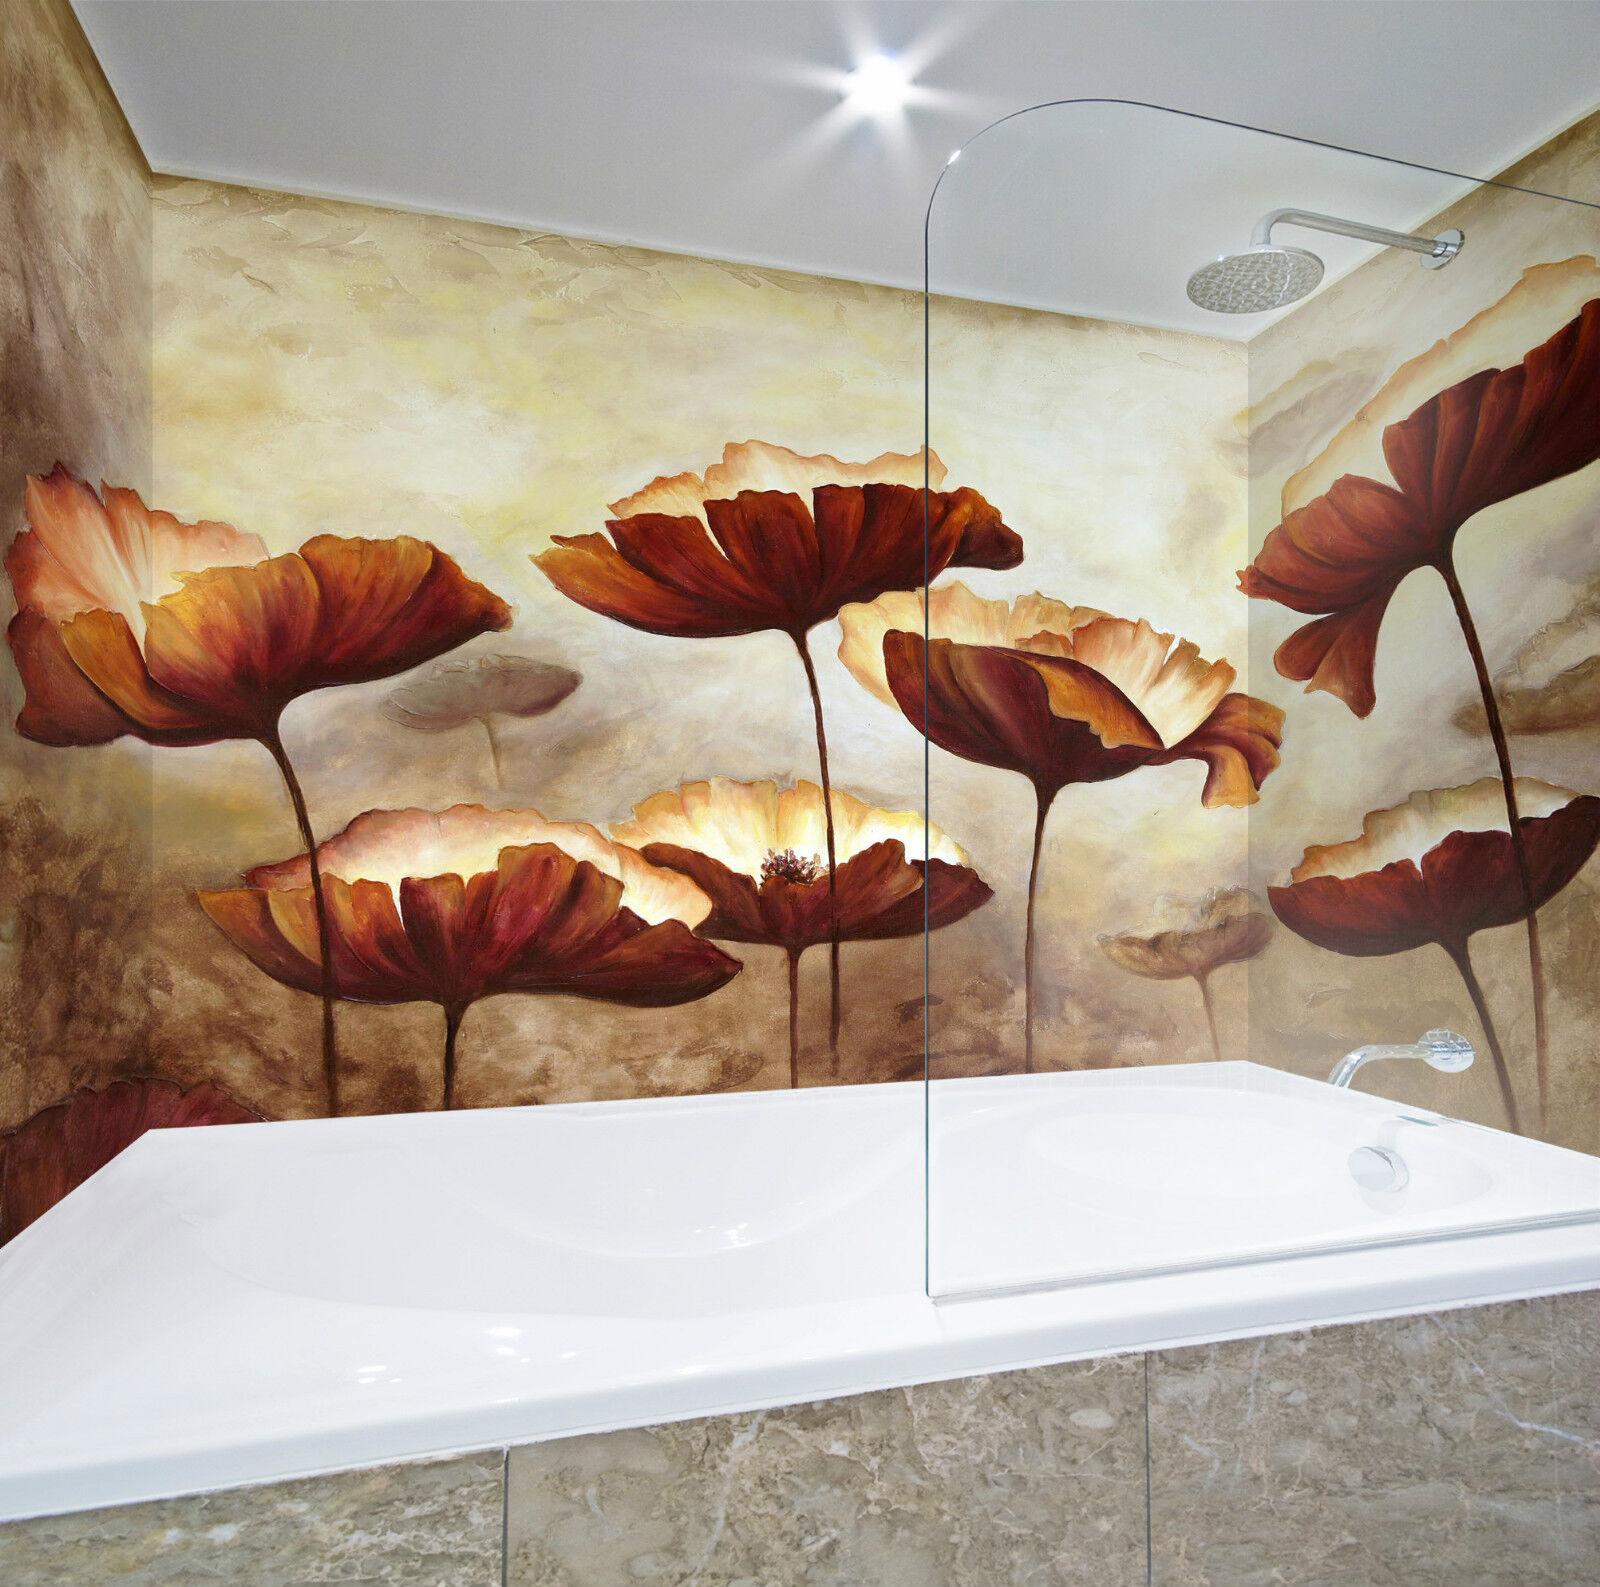 3D Mental Flowers 047 WallPaper Bathroom Print Decal Wall Deco AJ WALLPAPER CA